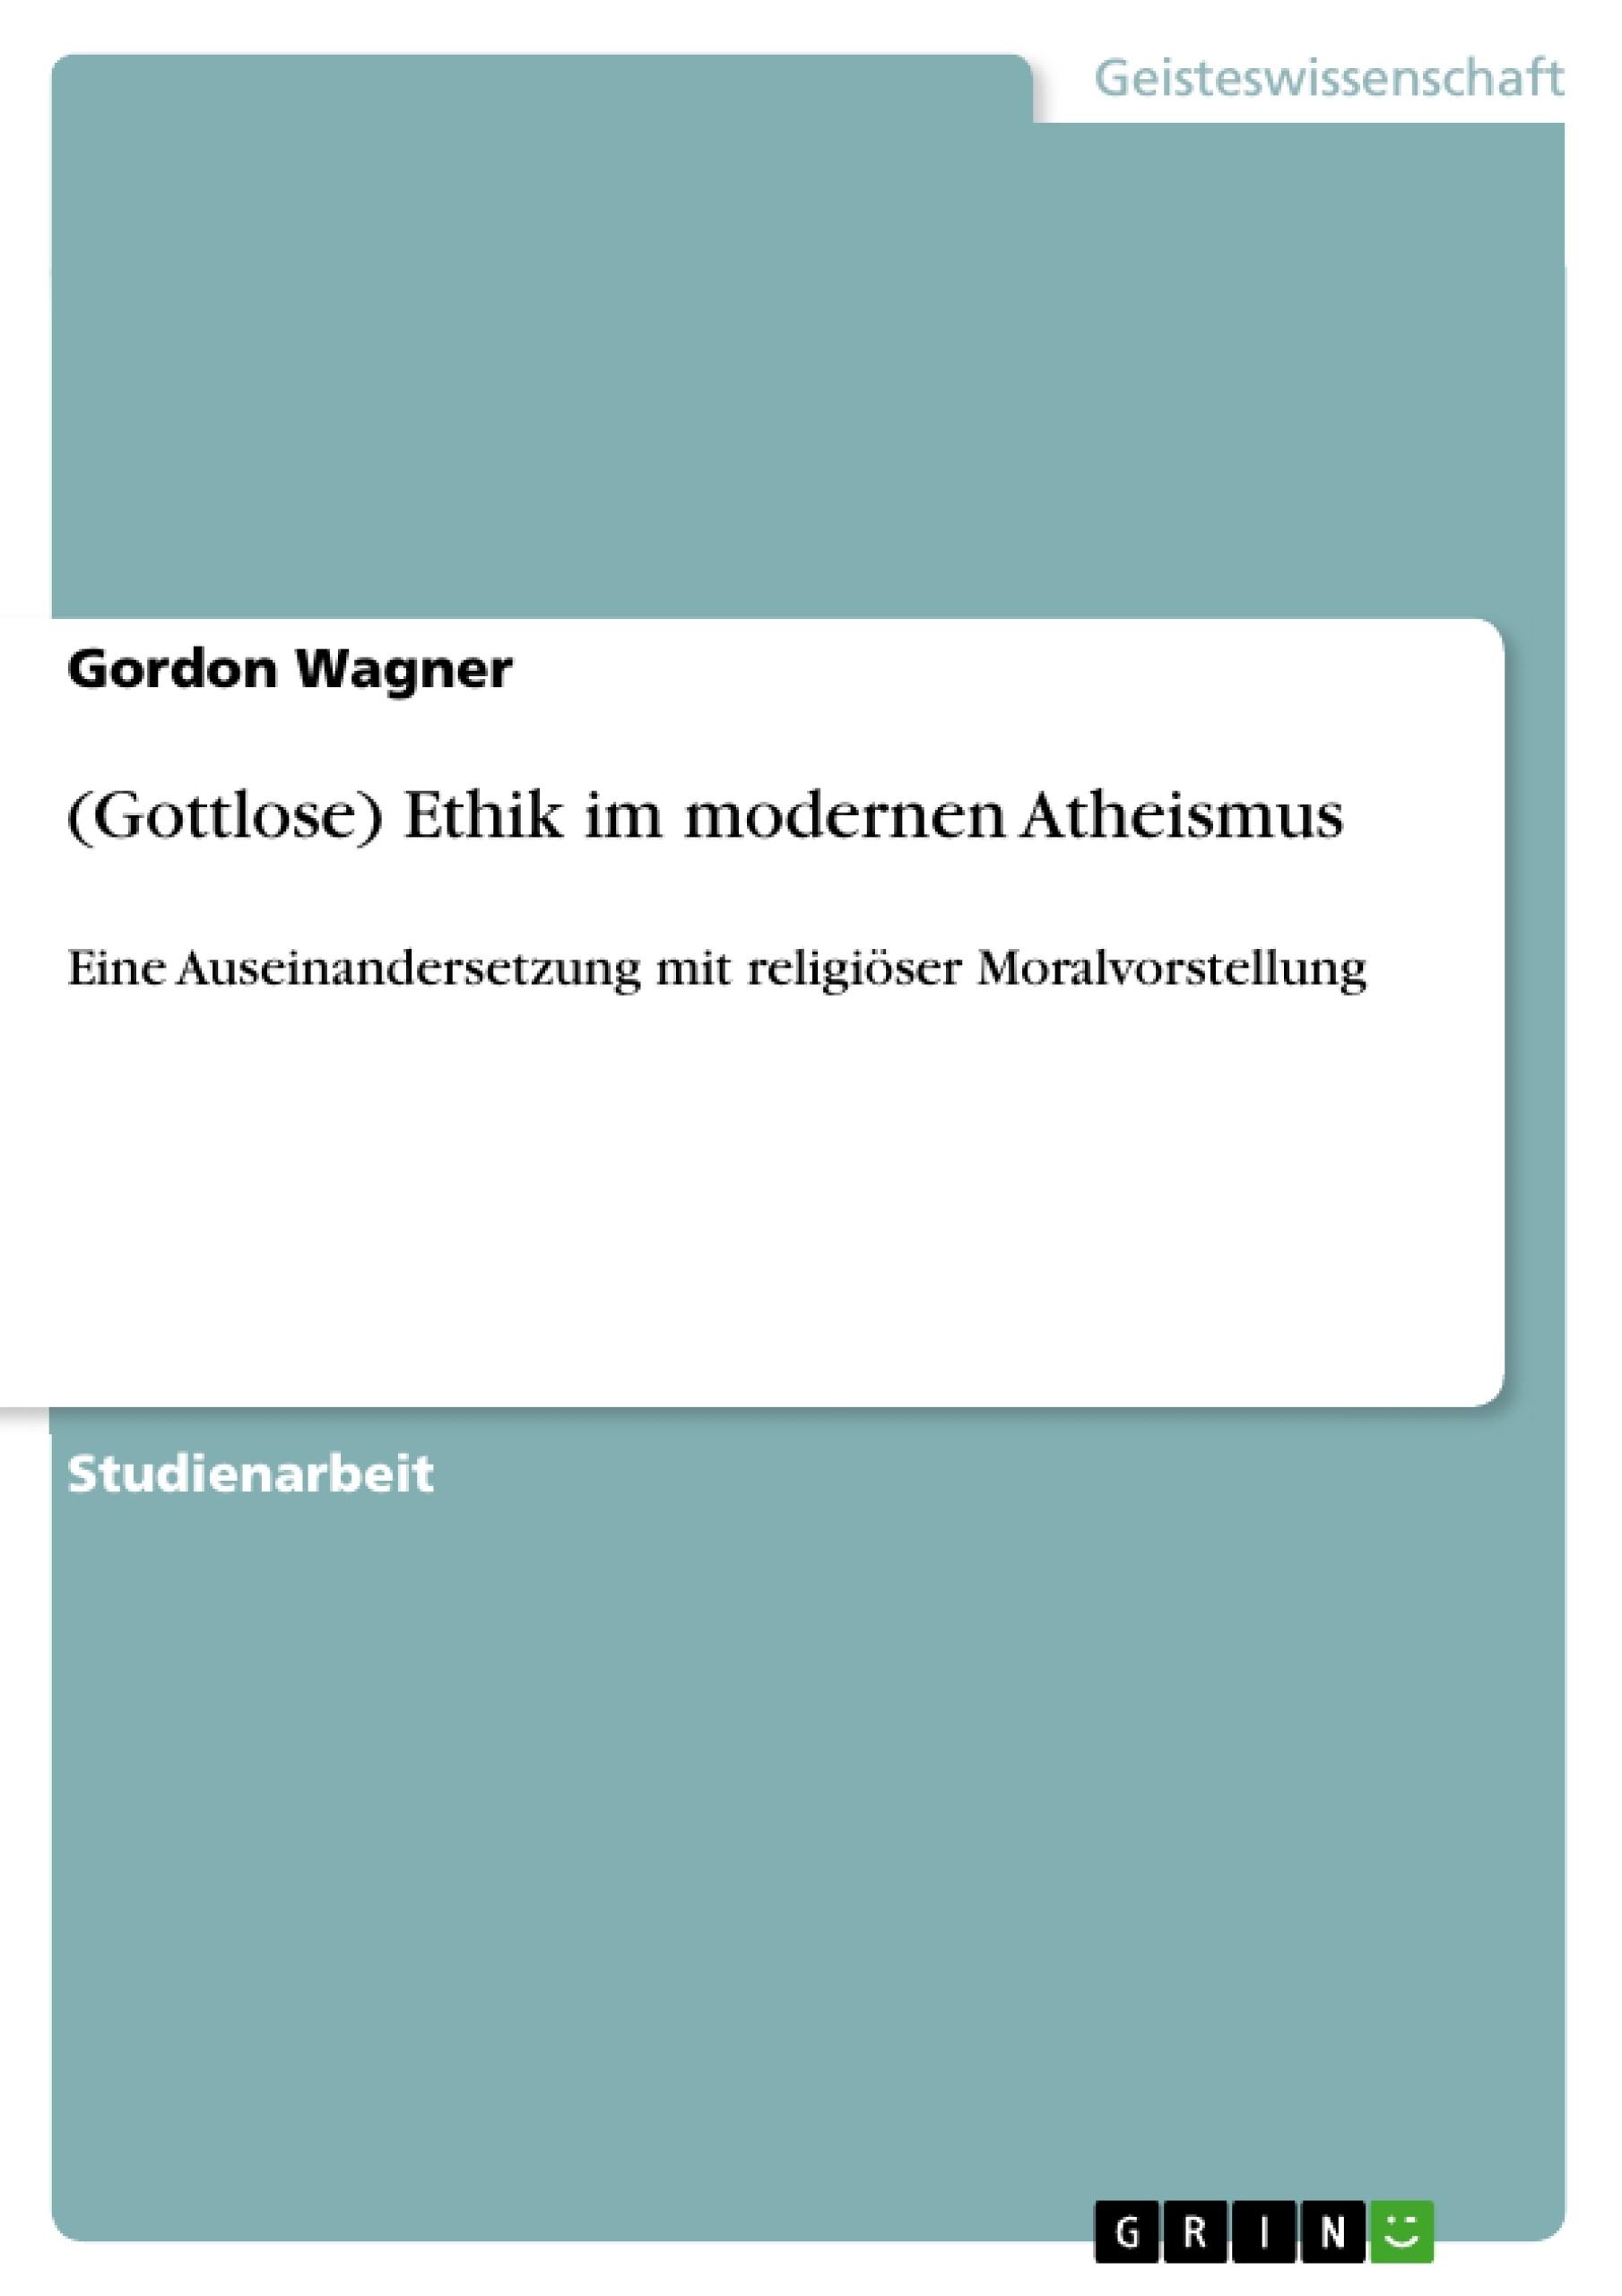 Titel: (Gottlose) Ethik im modernen Atheismus